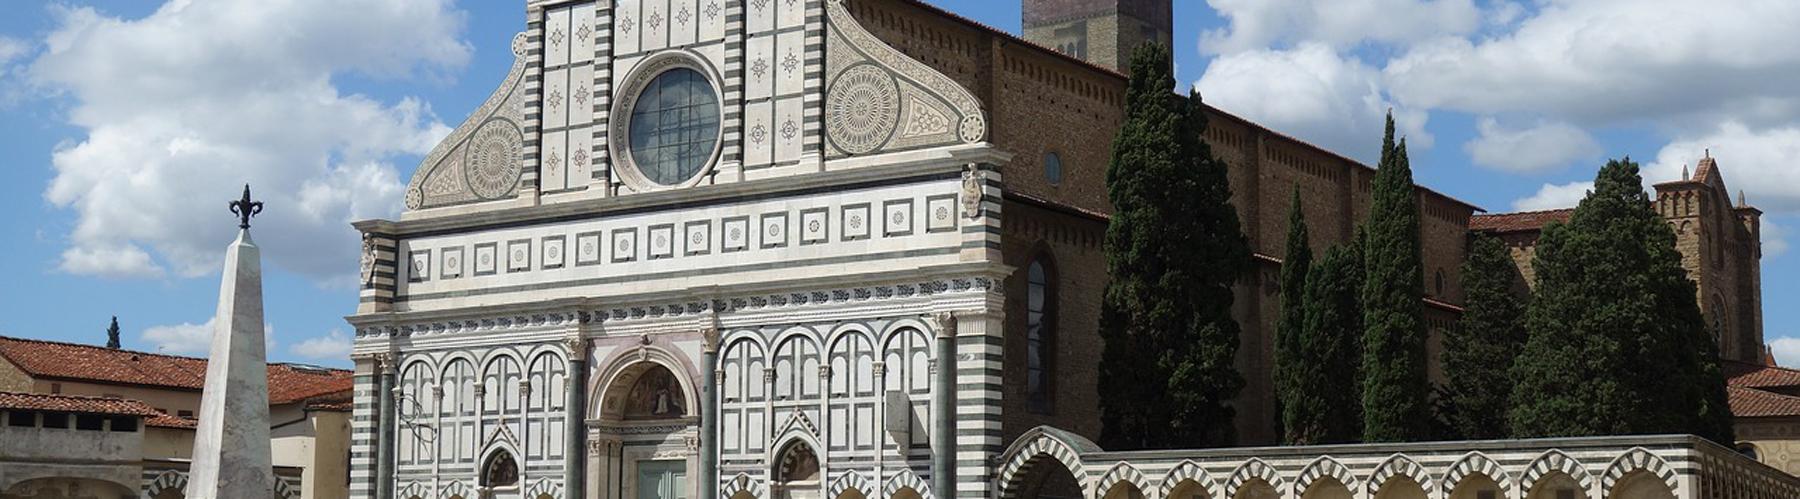 피렌체 - Santa Maria Novella에 가까운 호스텔. 피렌체의 지도, 피렌체에 위치한 호스텔에 대한 사진 및 리뷰.